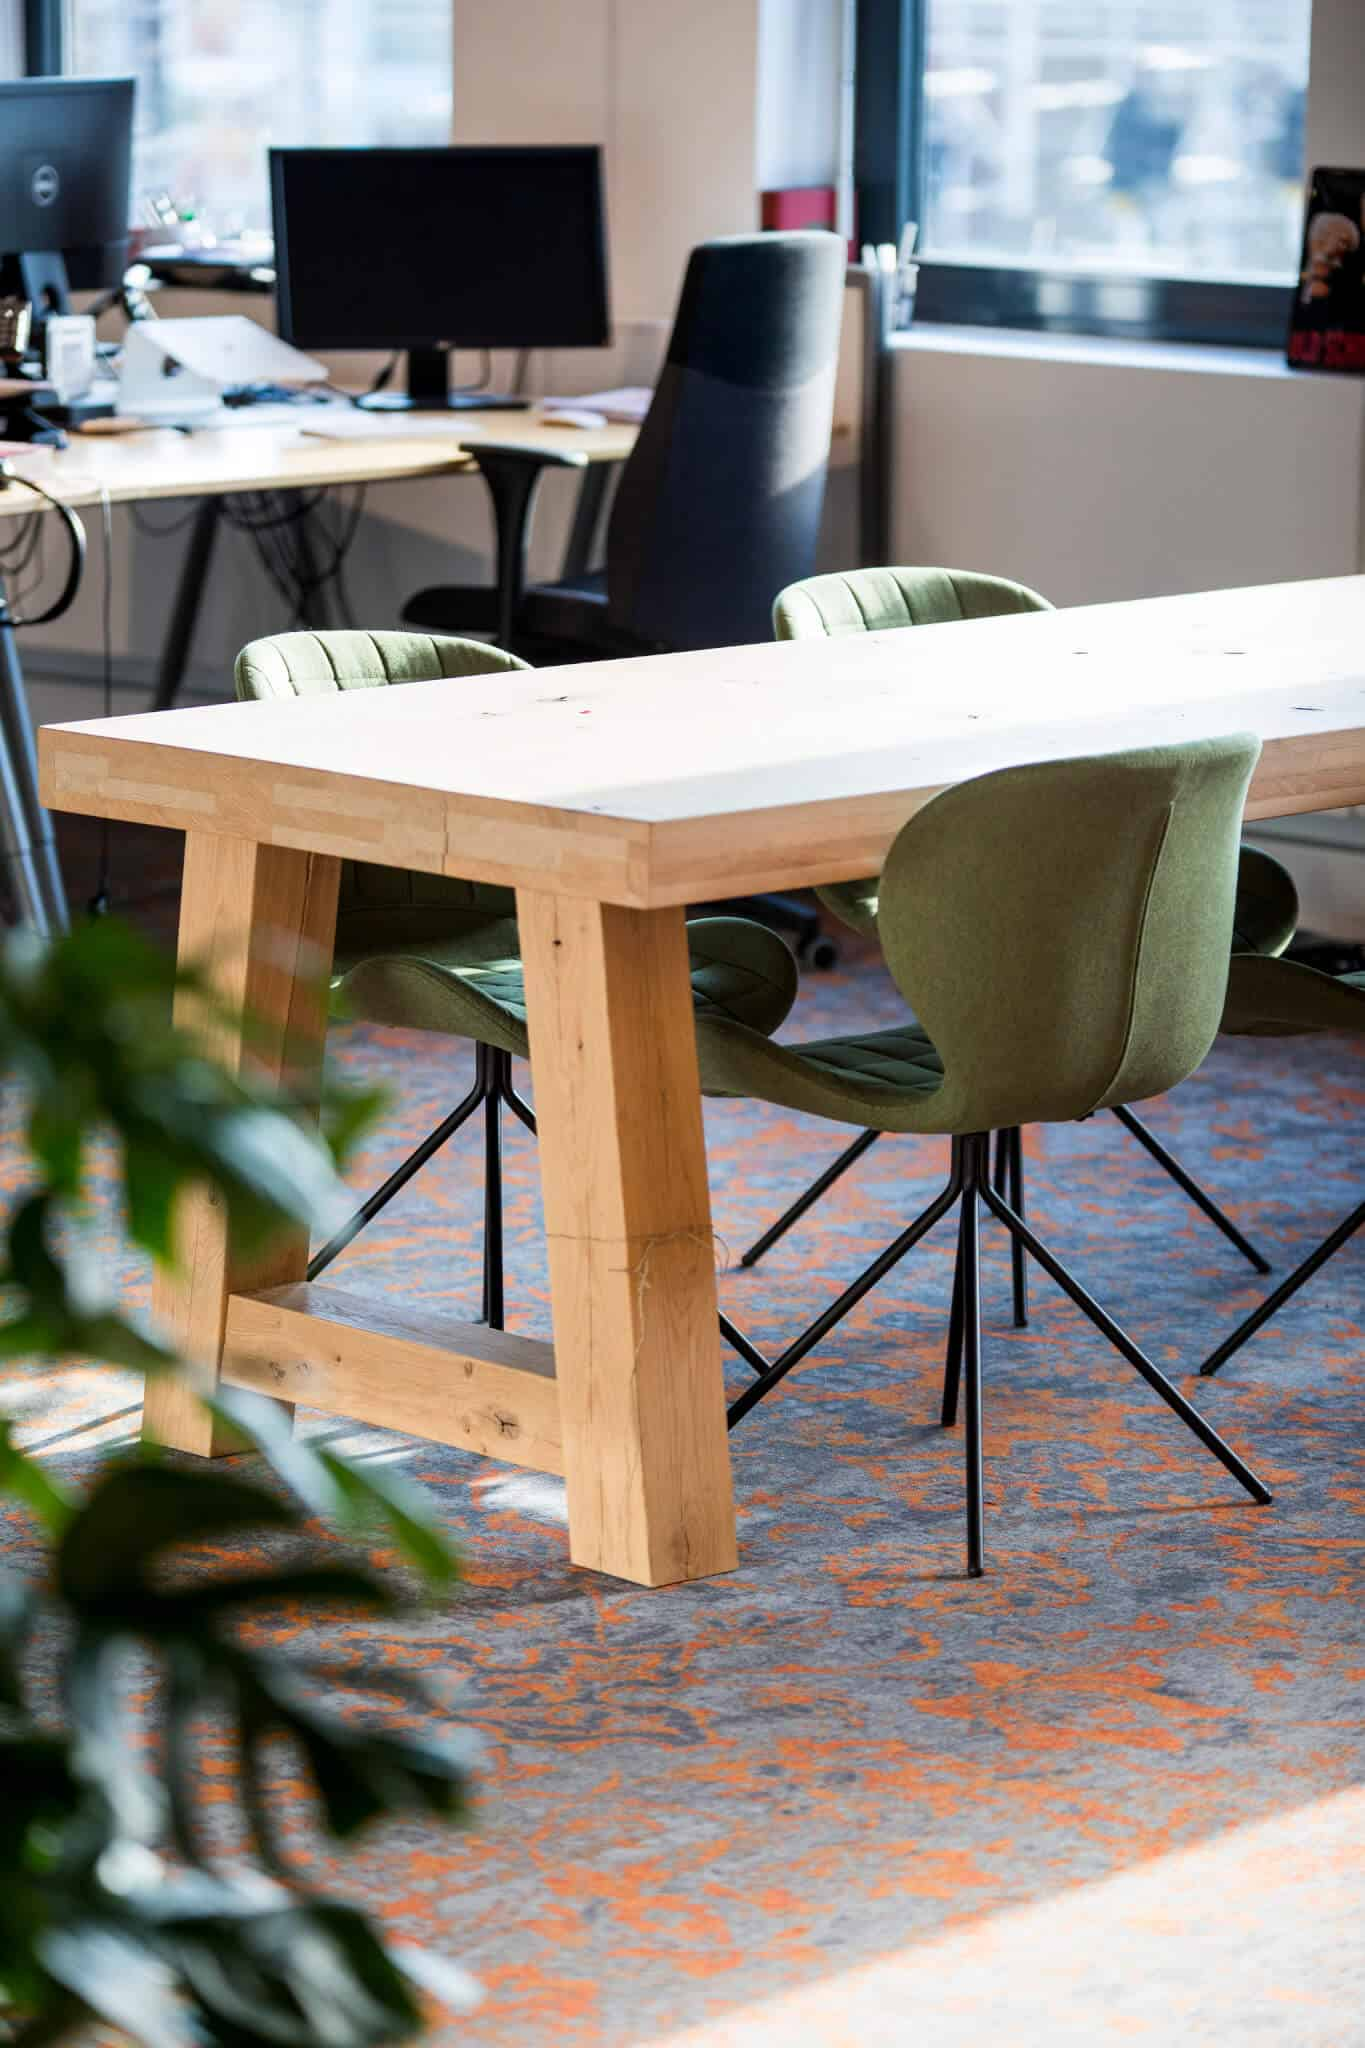 Interieurarchitect Wildenberg ontwerpt hoofdkantoor Infi tafel met stoelen